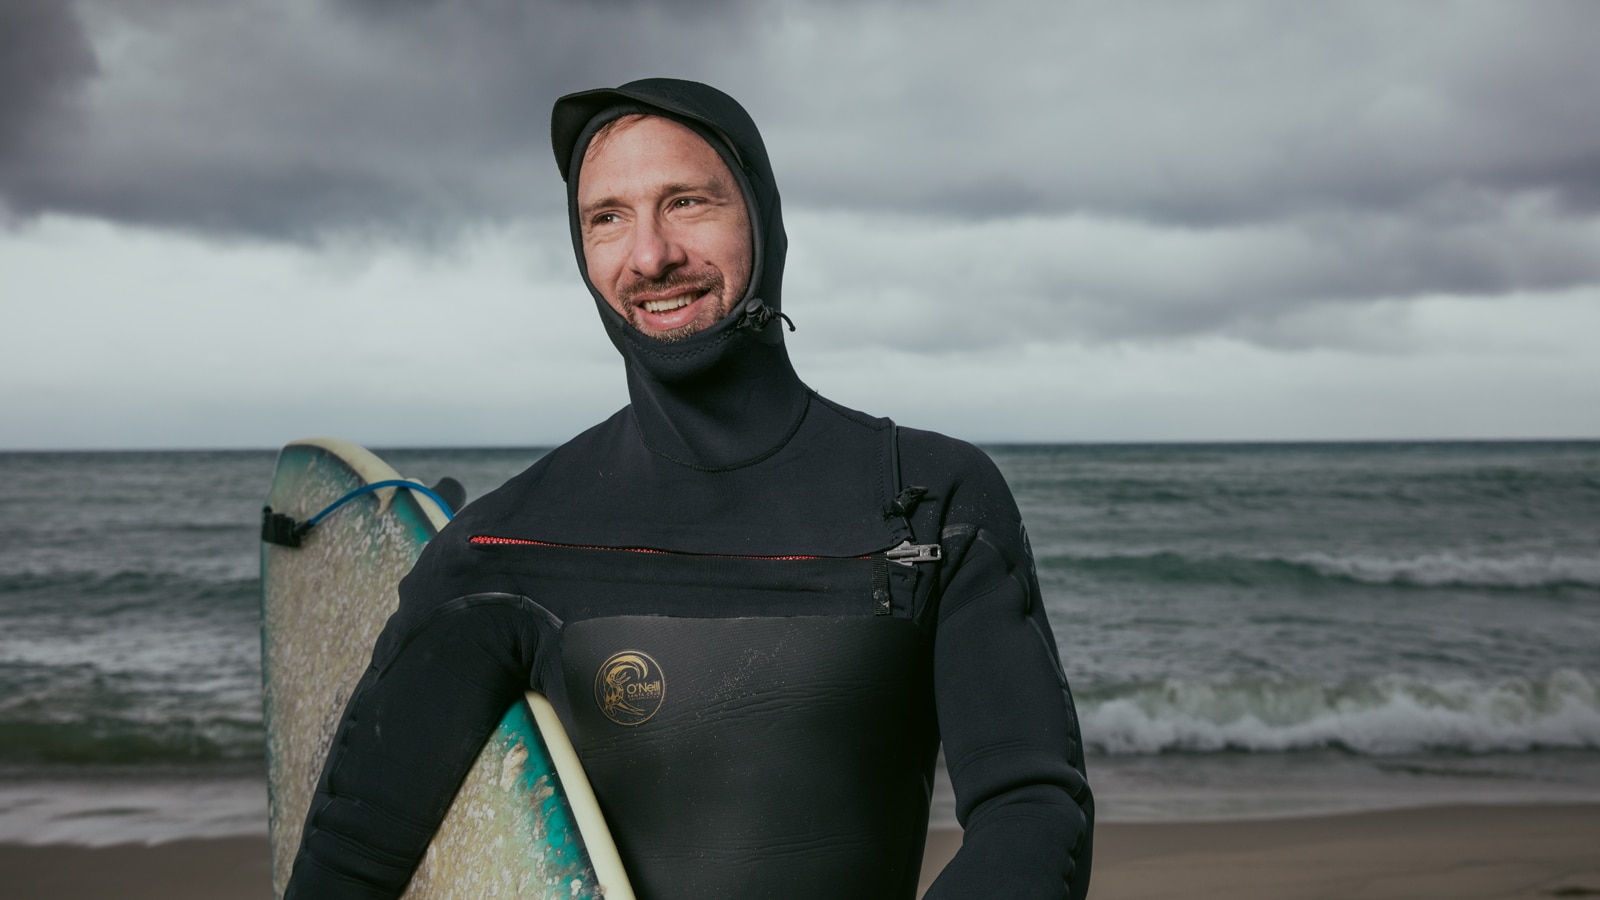 Un surfista con todo el equipo sostiene su tabla de surf en la playa del lago Michigan con las olas rompiendo detrás de él.